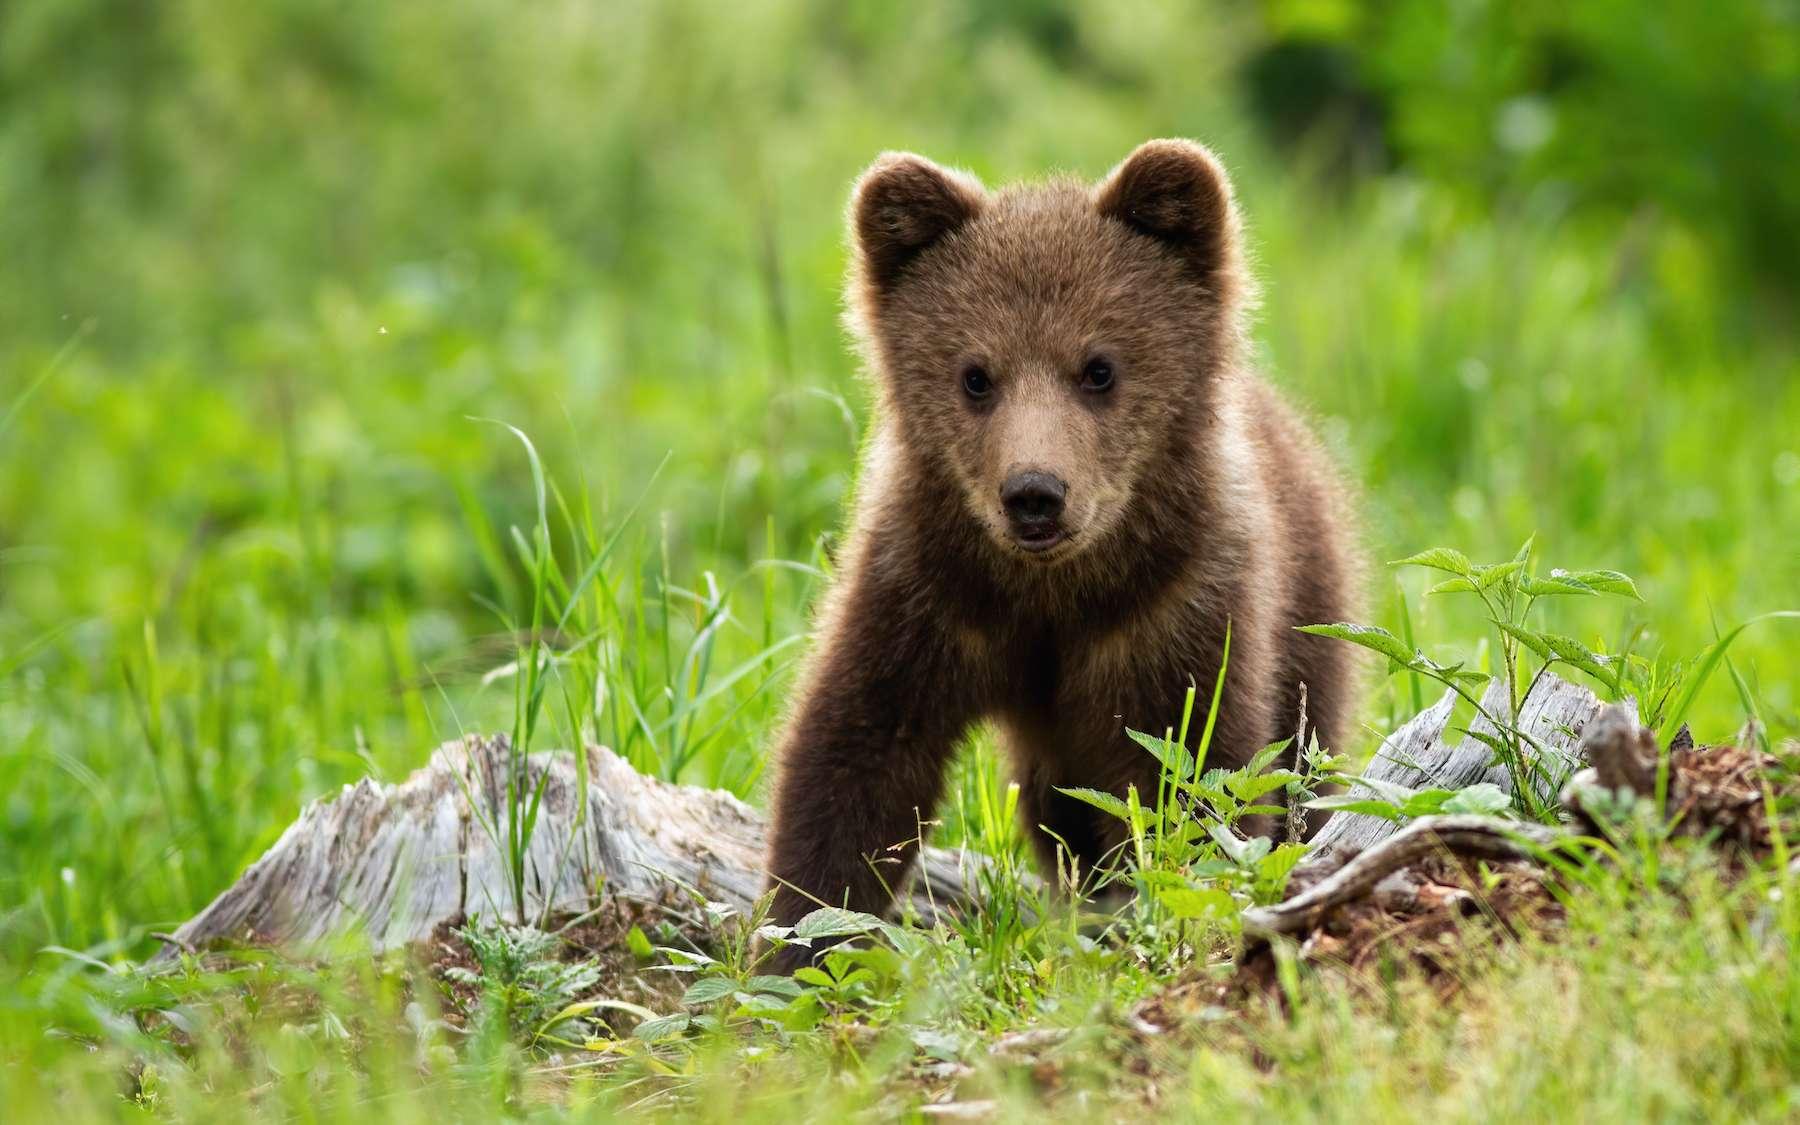 L'ourson et le petit de l'ours. © WildMedia, Adobe Stock